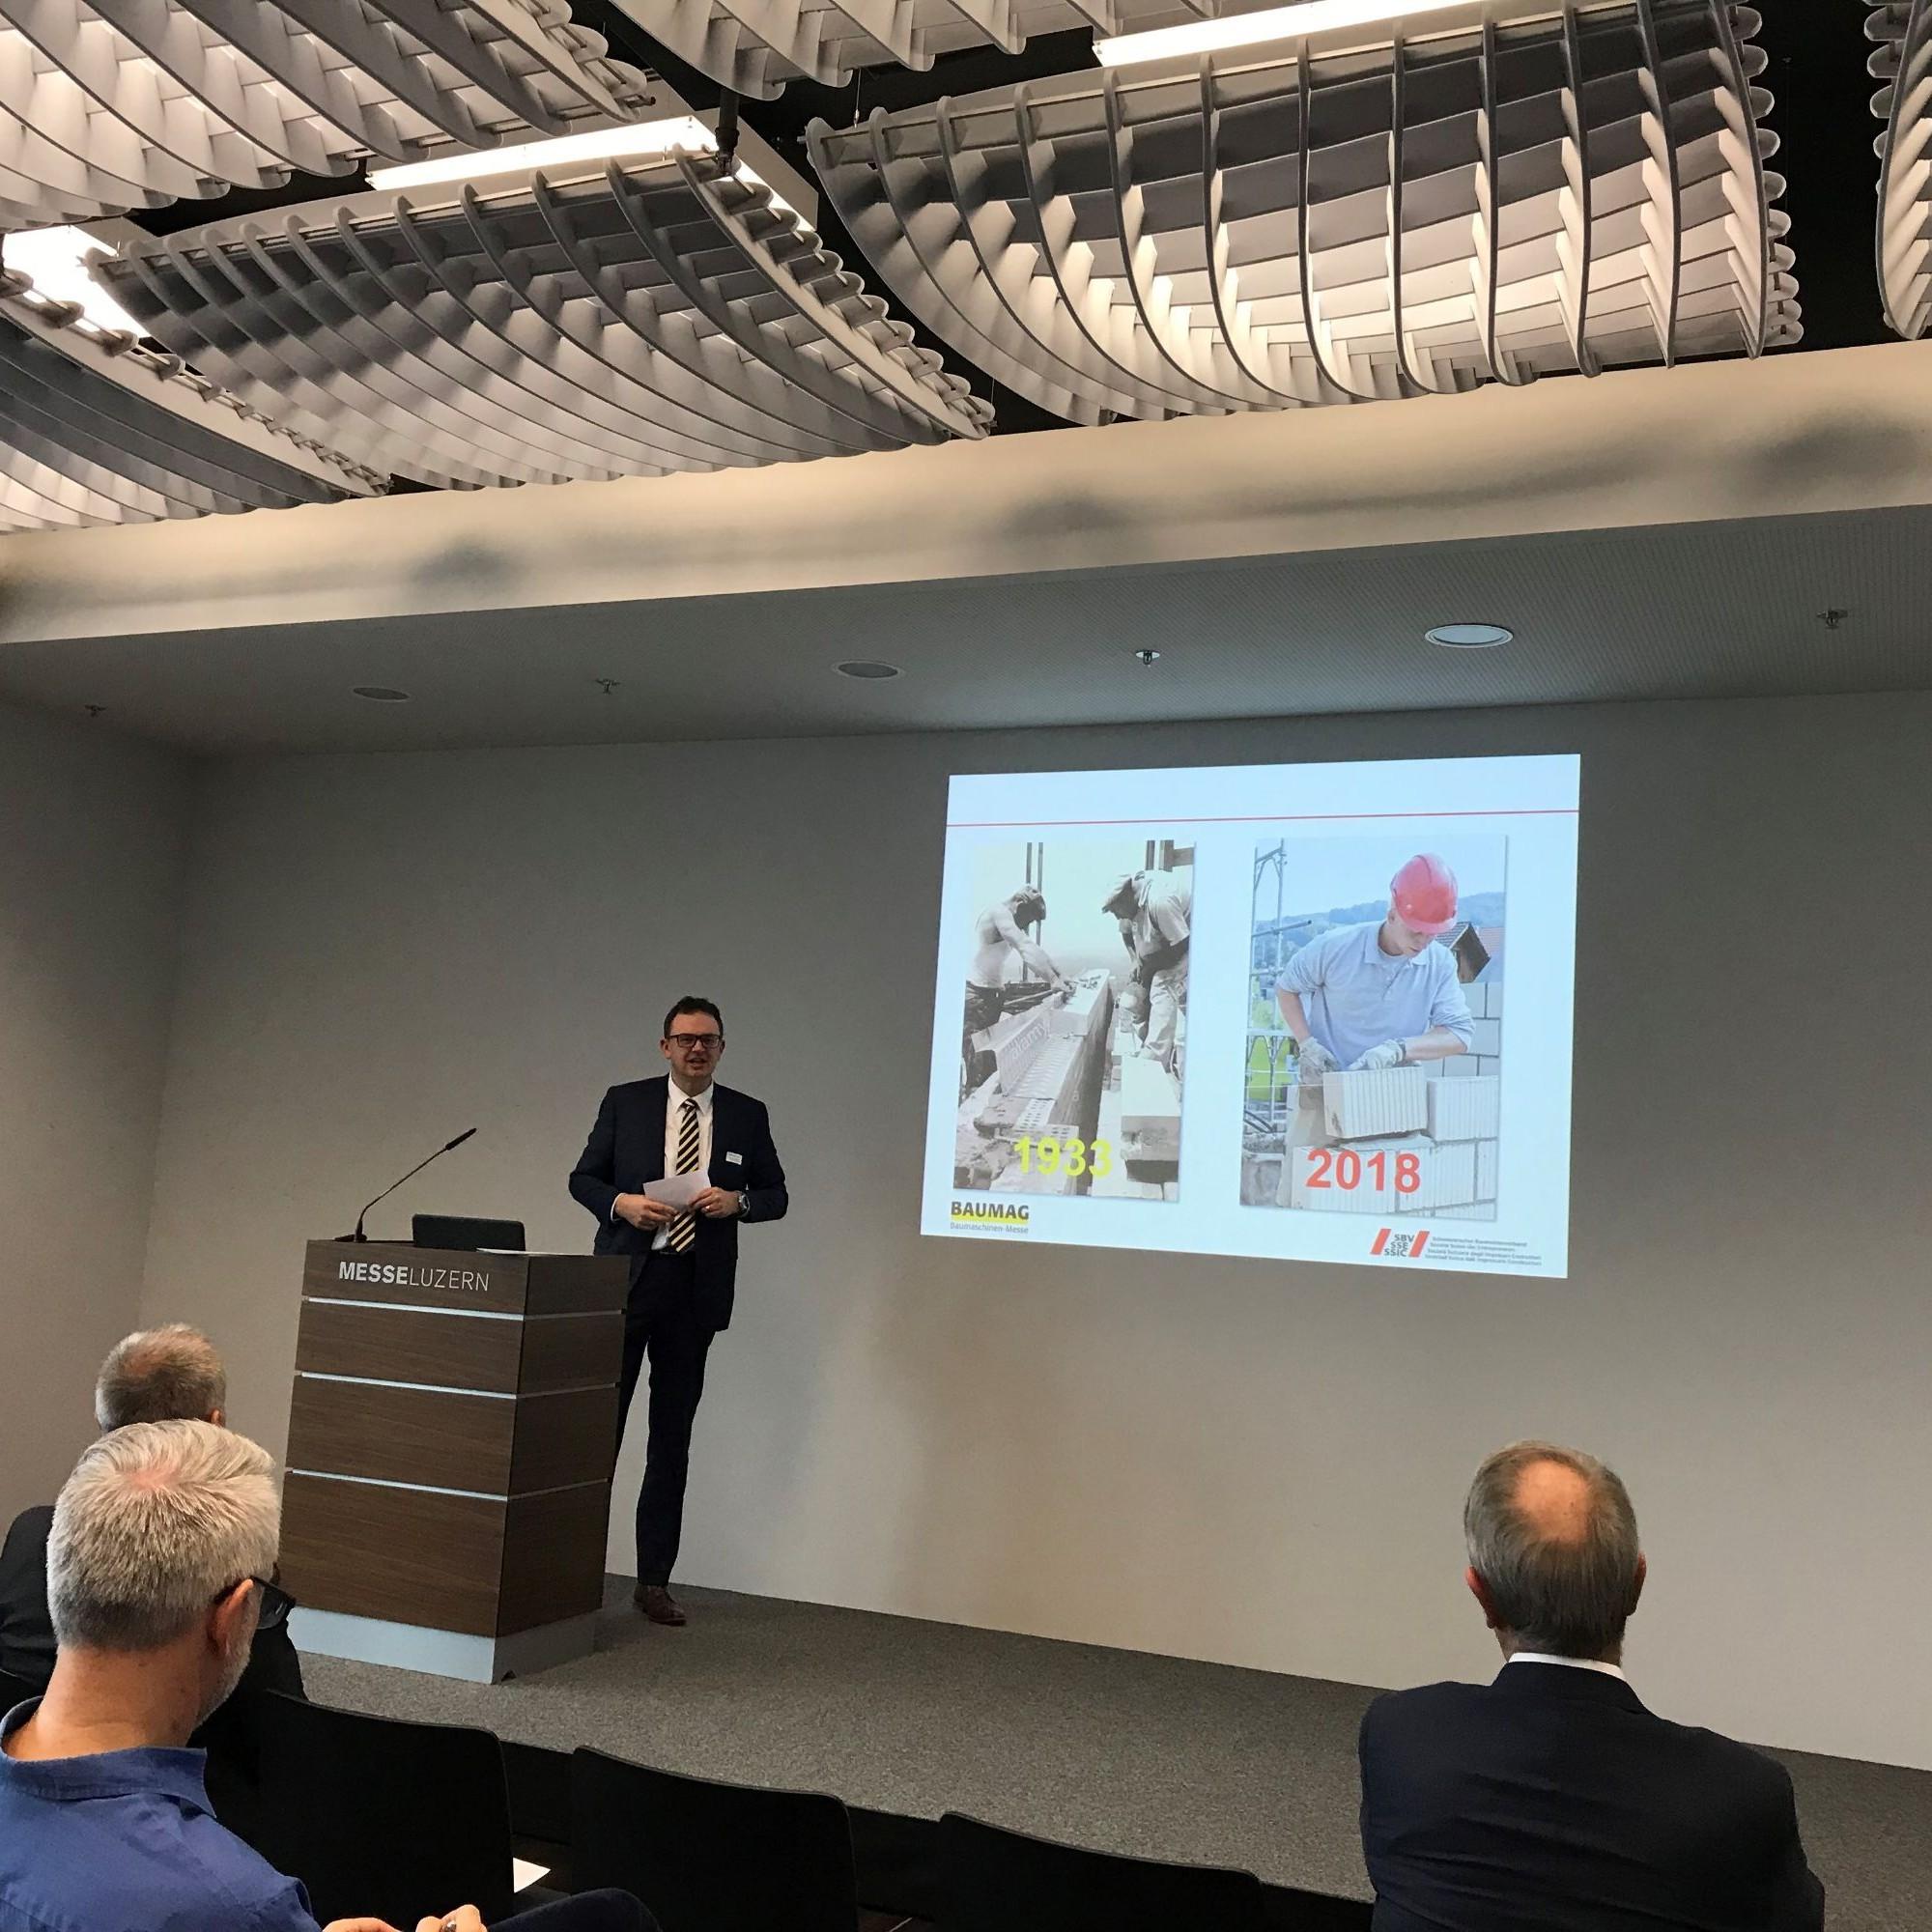 Zur Eröffnung der Messe erläuterte Benedikt Koch, Direktor des SBV,in seinem Referat das gestartete Konzept «Baumeister 5.0»